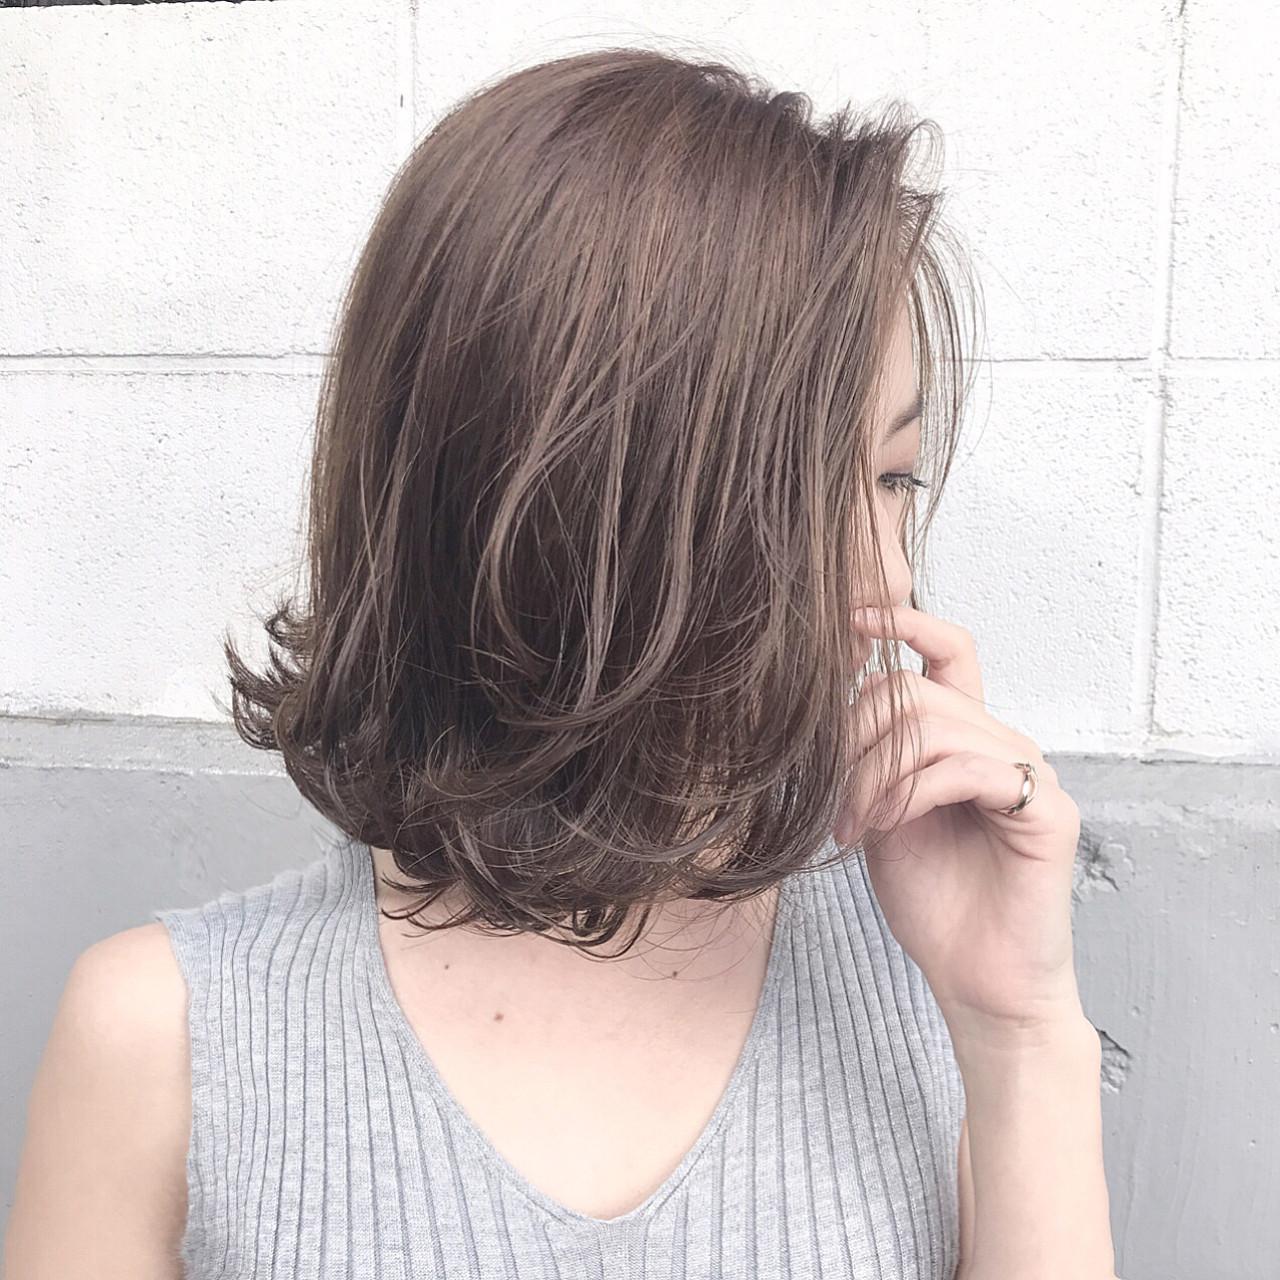 アッシュ ハイライト フェミニン アンニュイヘアスタイルや髪型の写真・画像